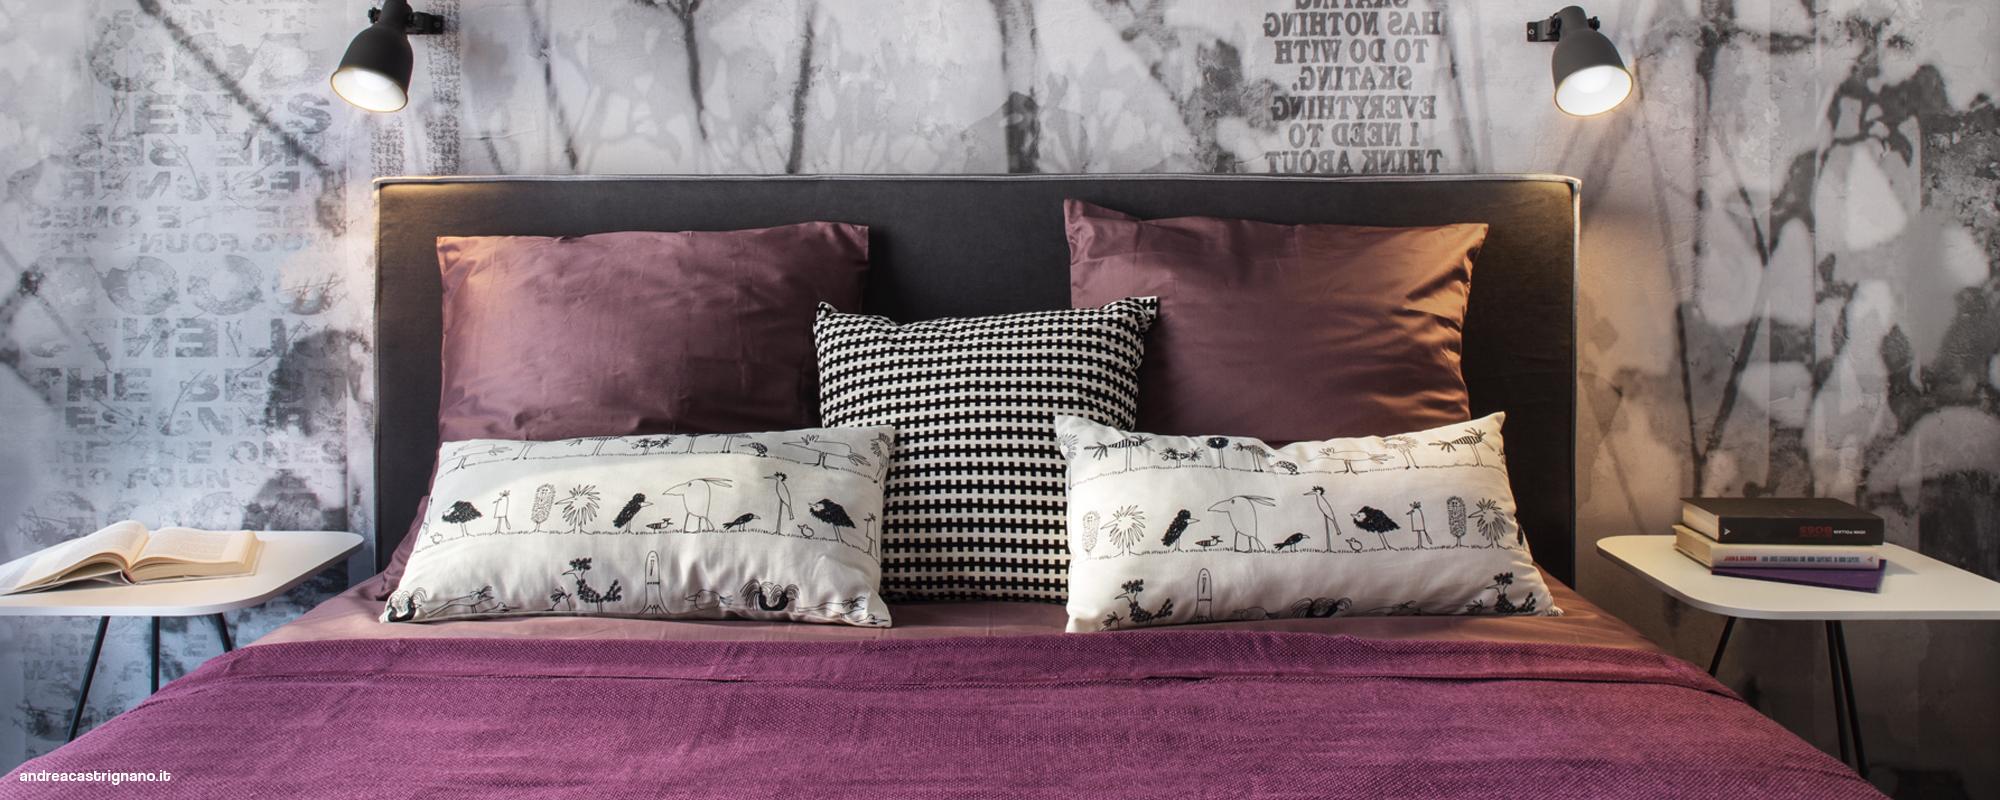 Rivoluzione low cost: 7 mosse per trasformare la camera da letto ...